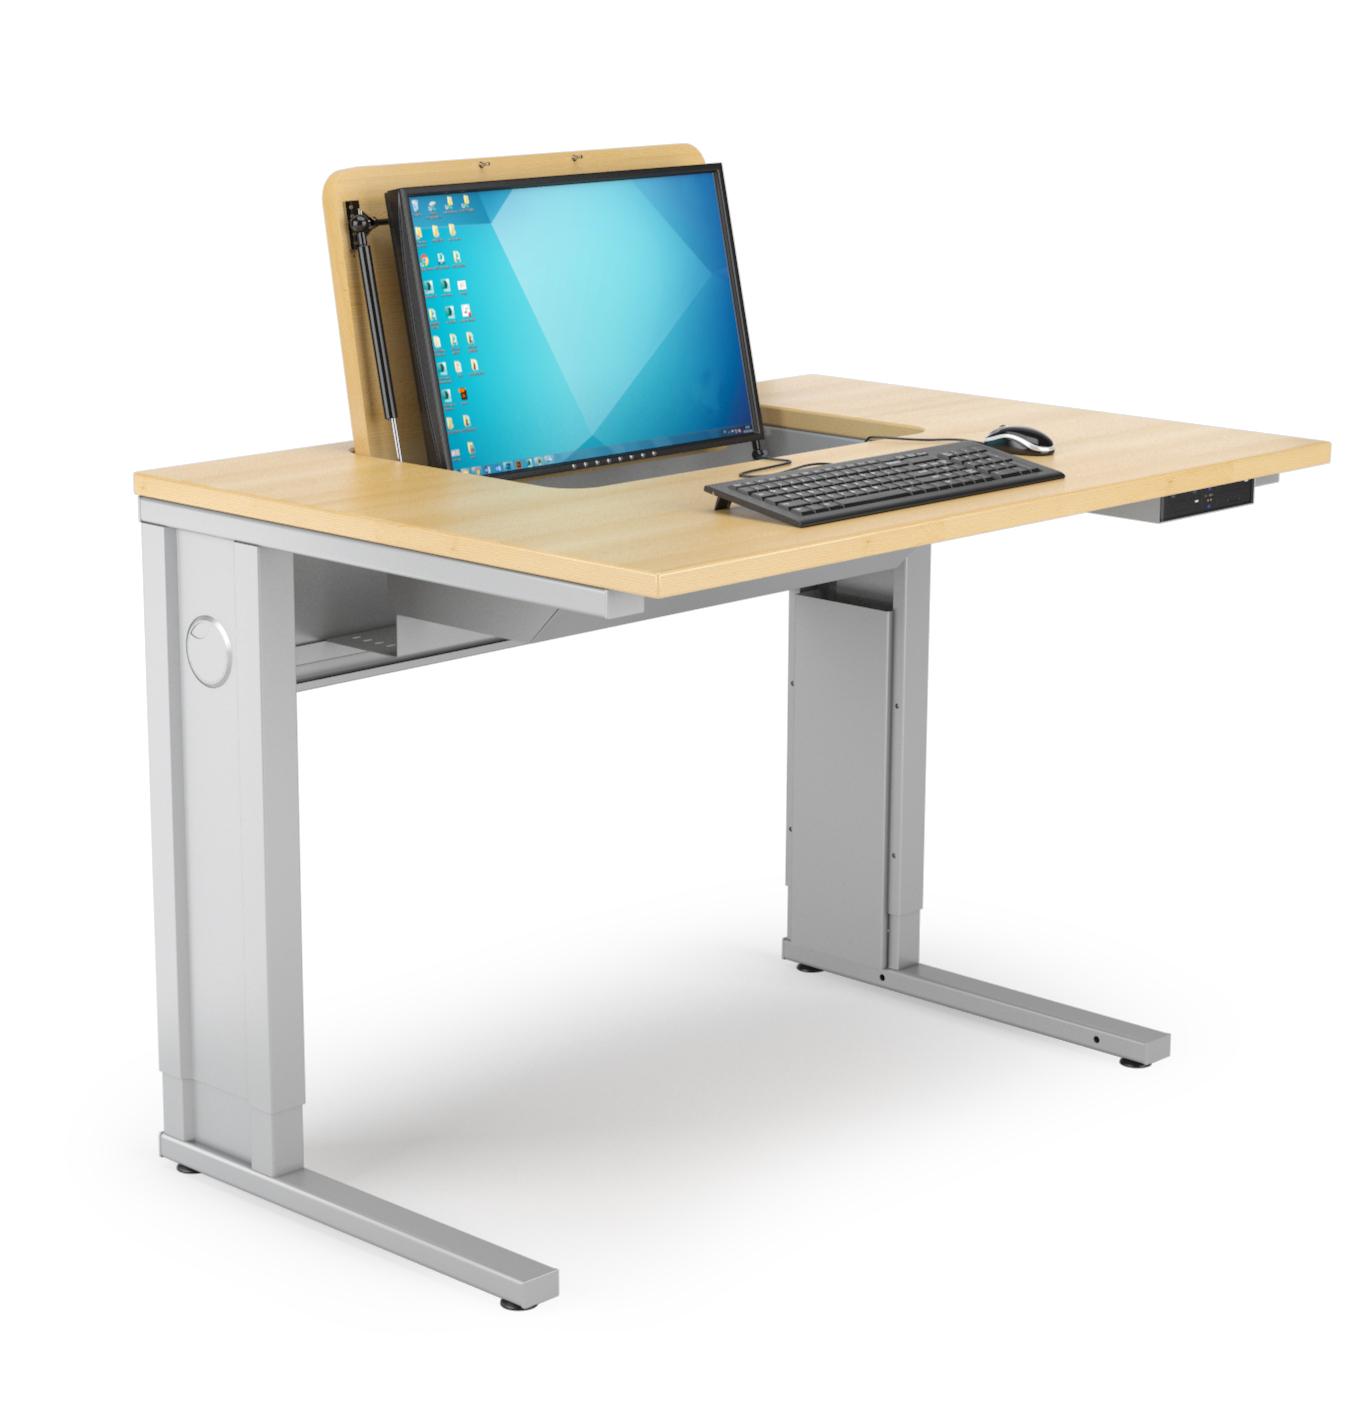 Mobilier ergonomique pour salle de formation